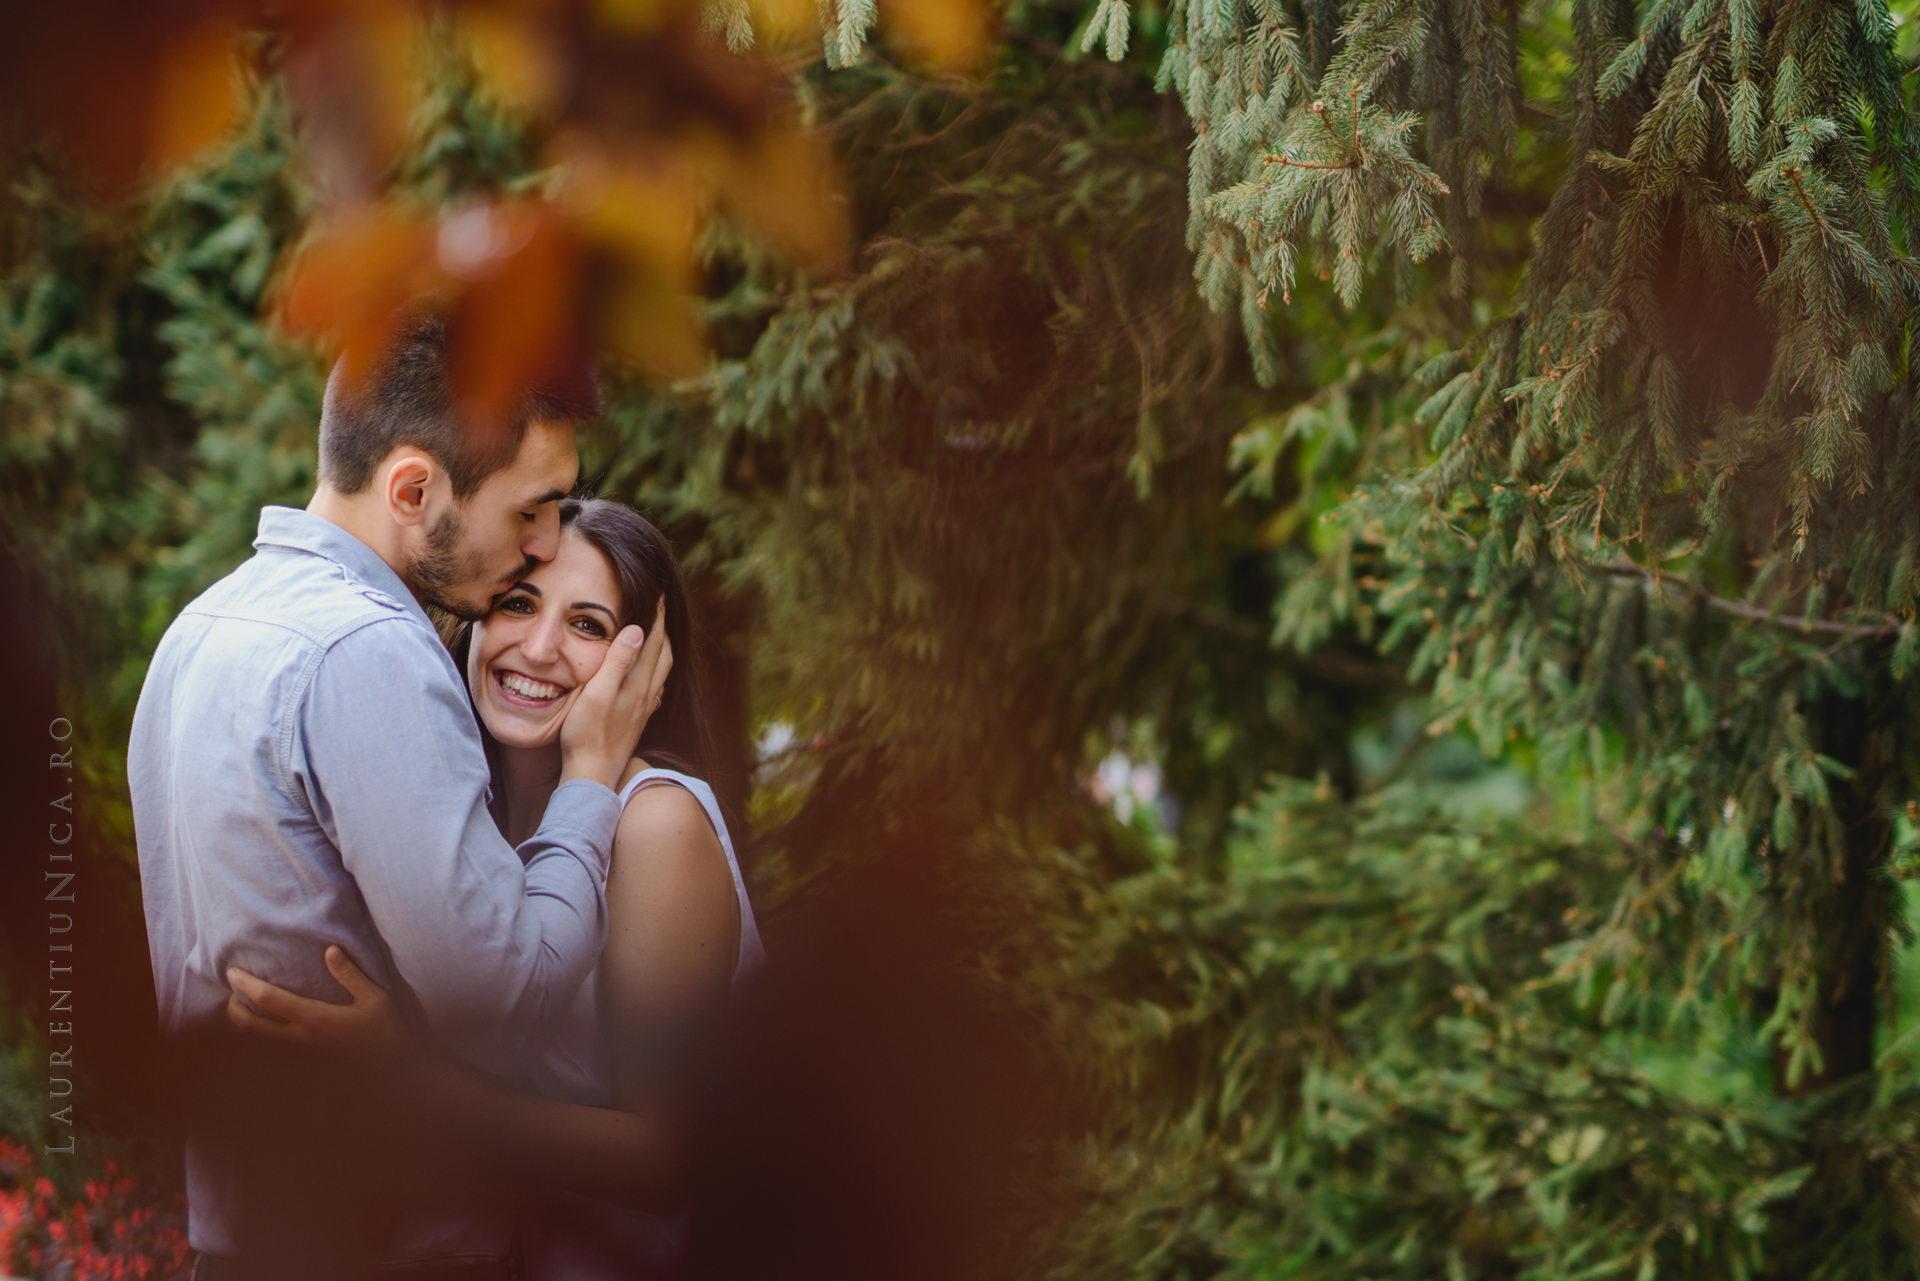 sedinta foto save the date fotograf laurentiu nica craiova 31 - Ramona & Marius | Sedinta foto Save the Date